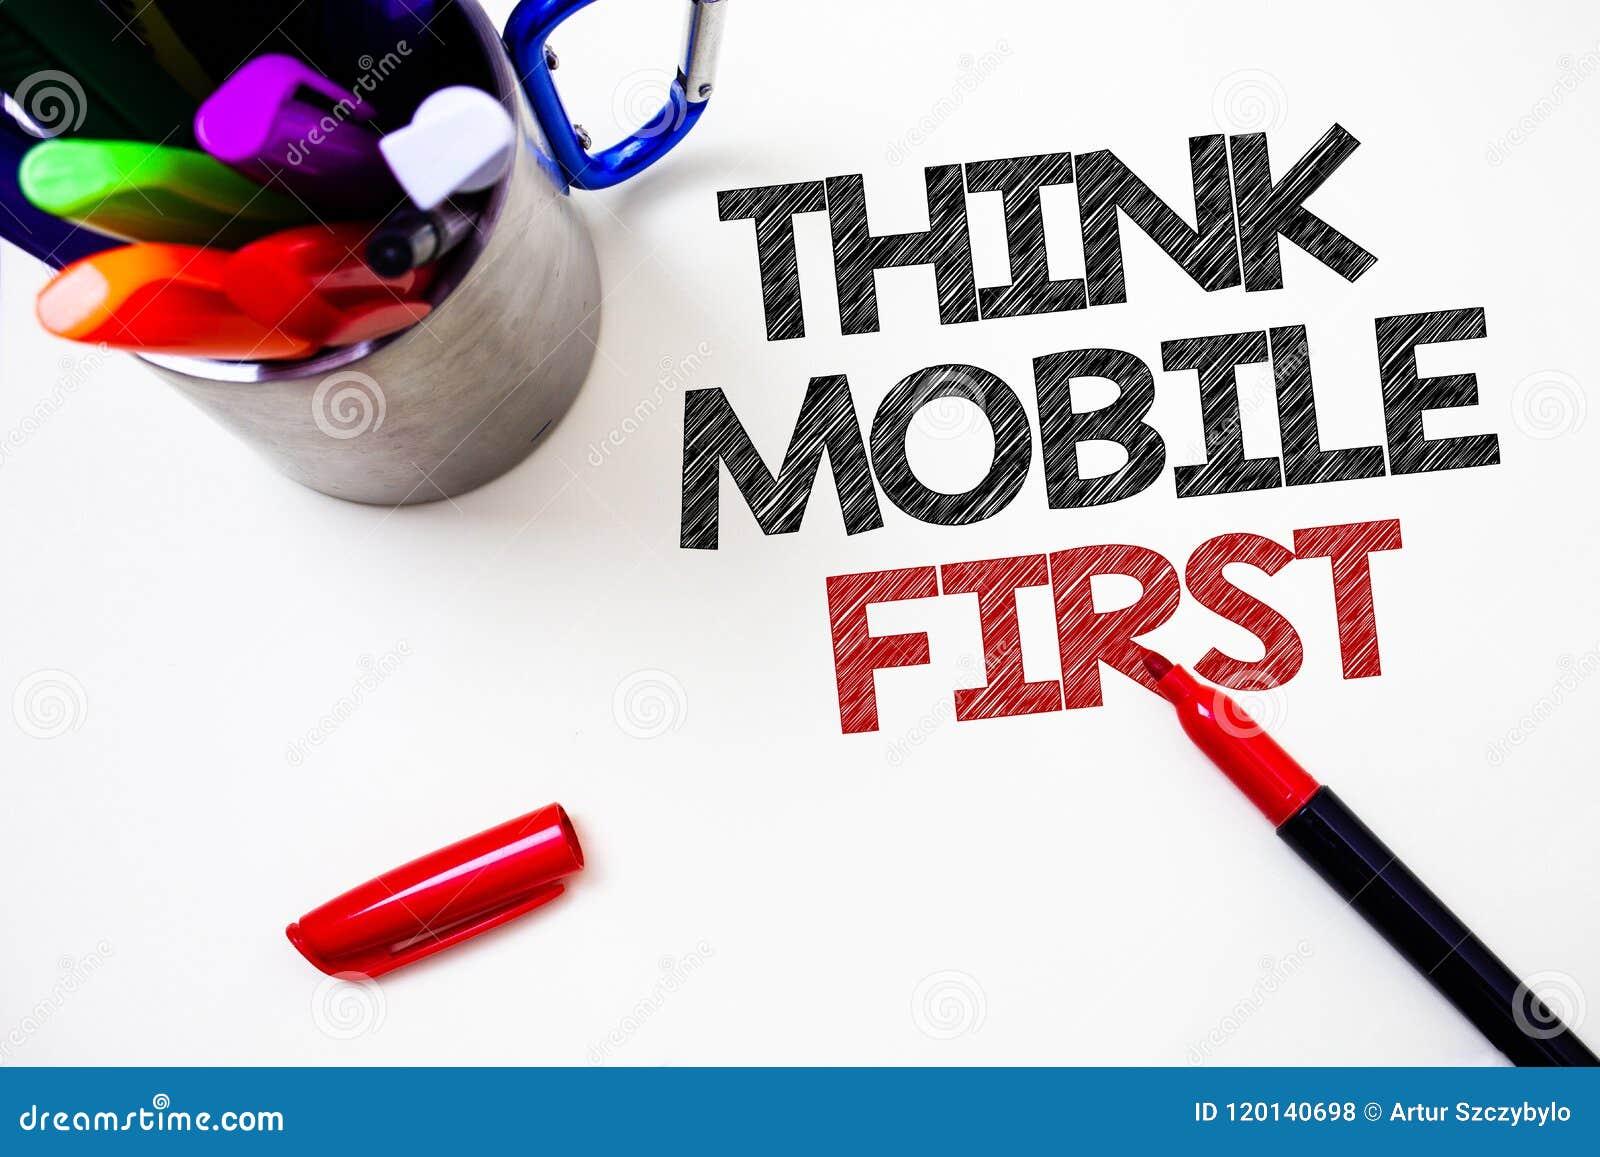 文本标志陈列首先认为销售目标便携式电话第一笔白色backgroun的机动性概念性照片手扶的构想